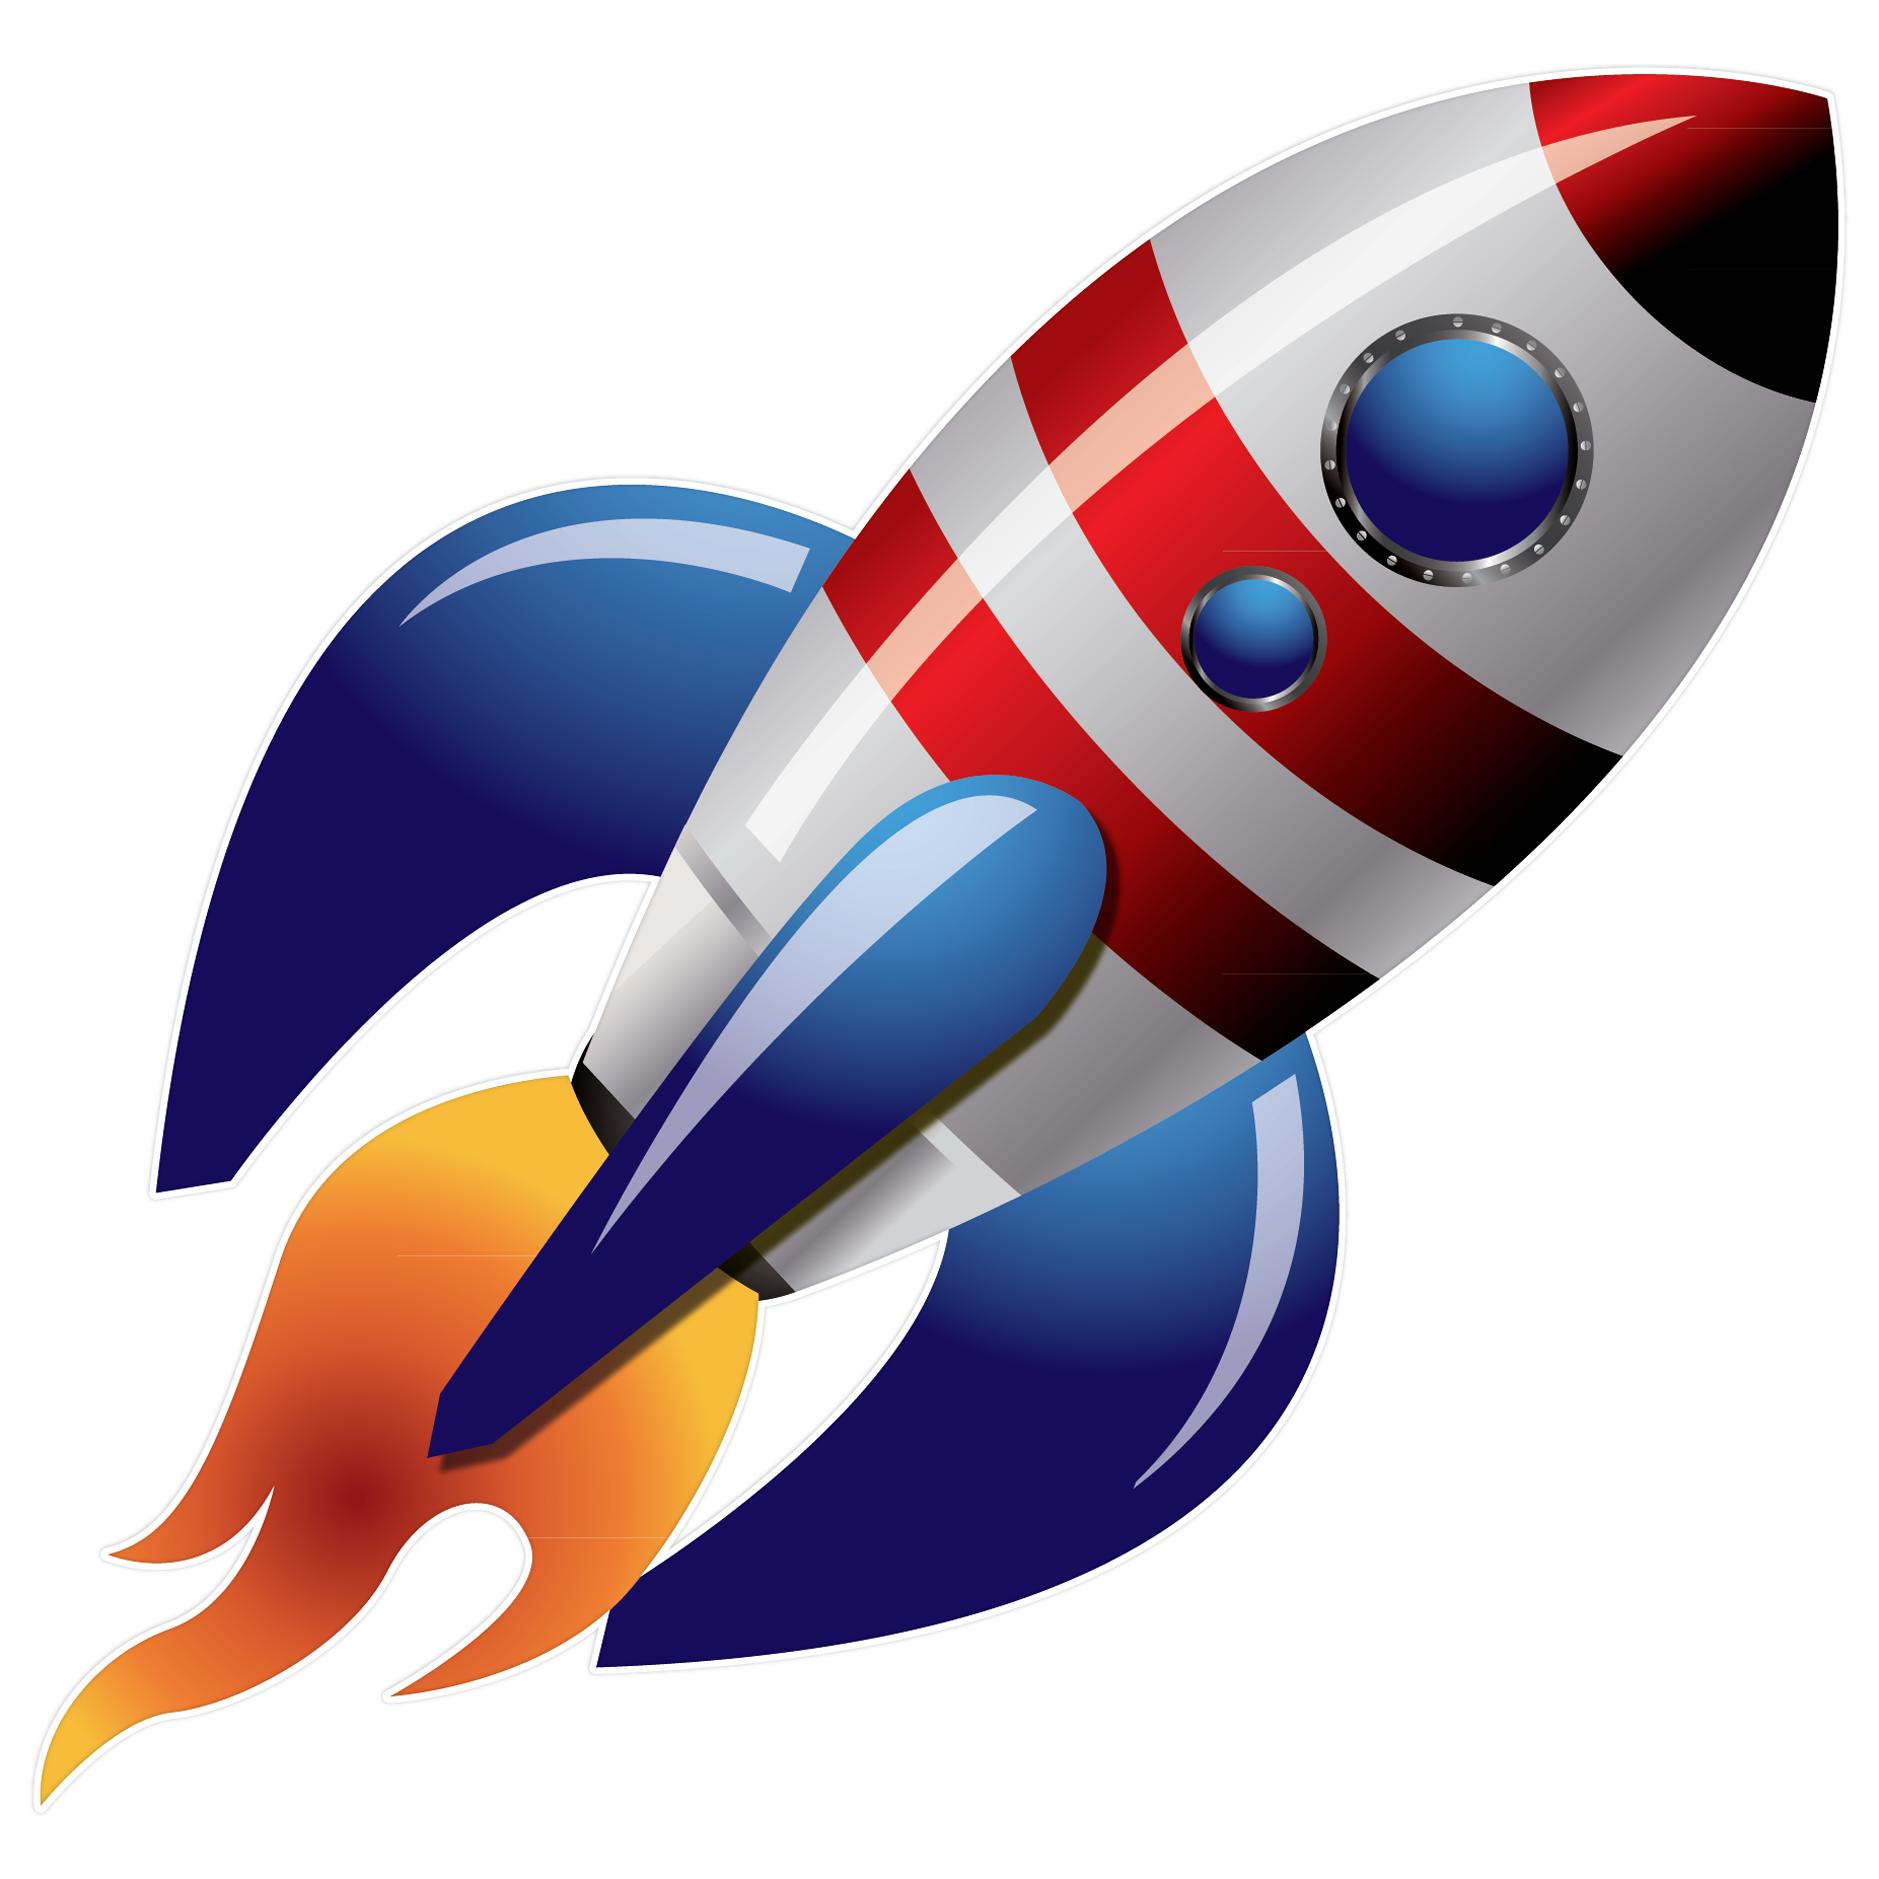 Gambar Rocket - ClipArt Best